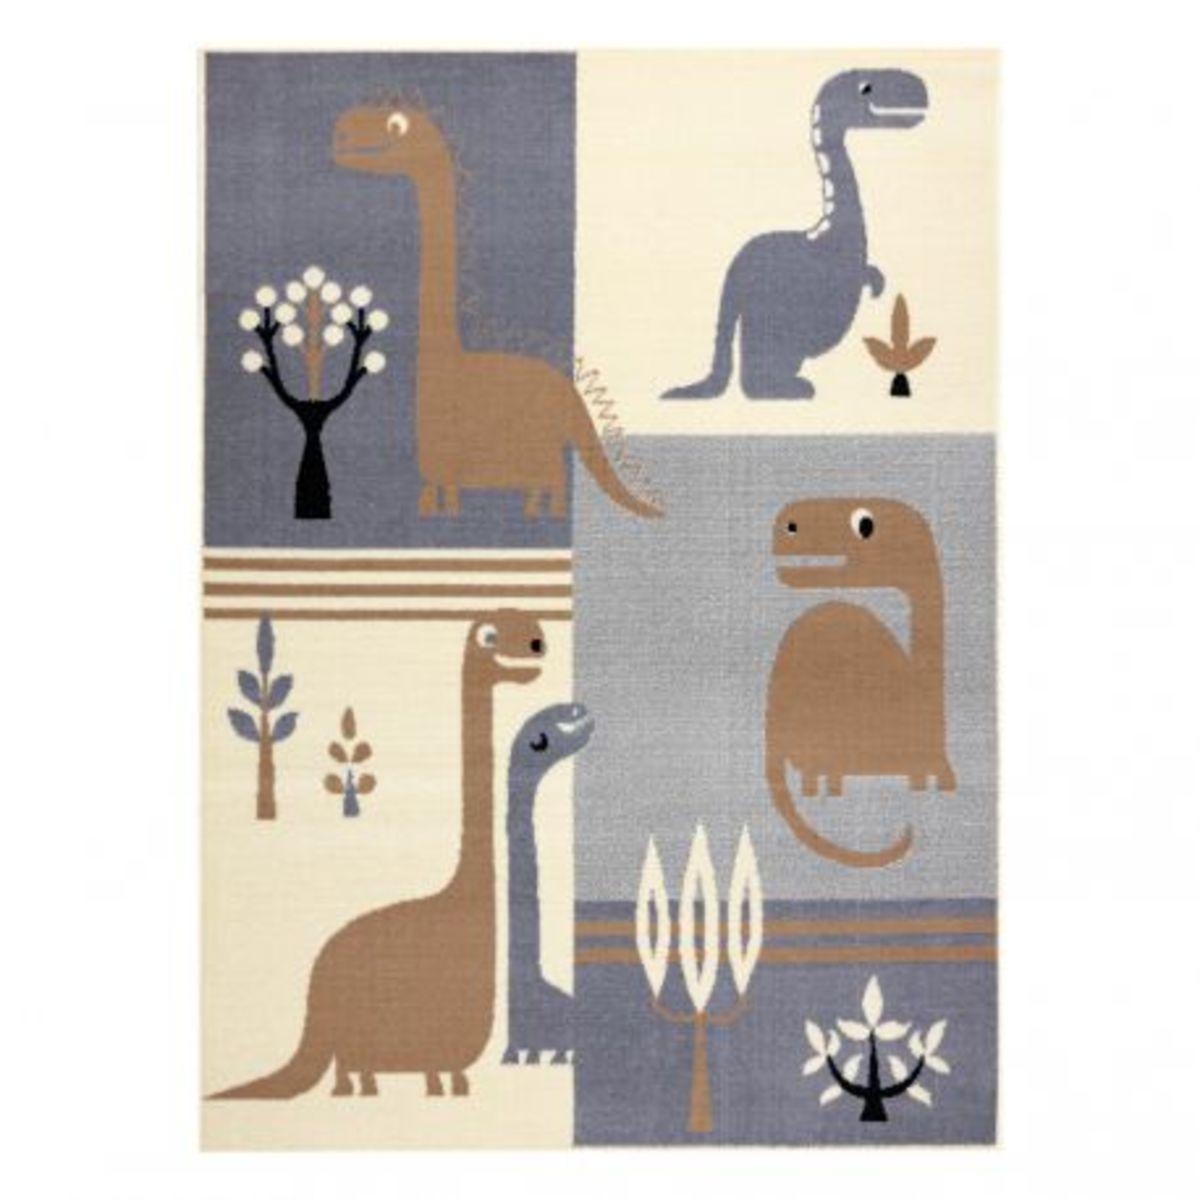 Detský koberec Dinosaurie svet - šedo-hnedý Dinosaur Rug 200 x 300 cm